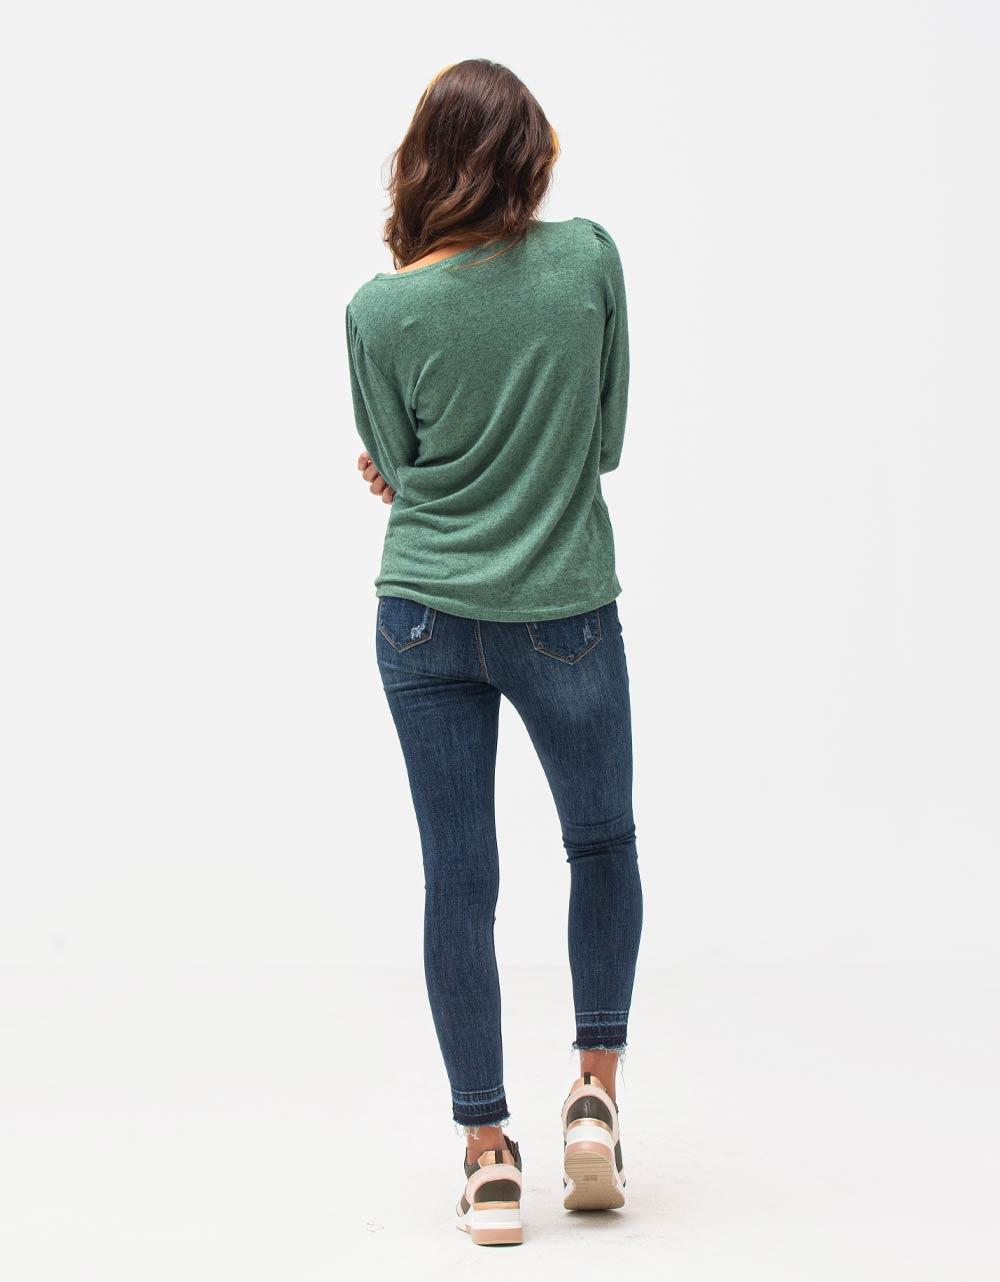 Εικόνα από Γυναικεία μπλούζα με φαρδιά μανίκια Πράσινο